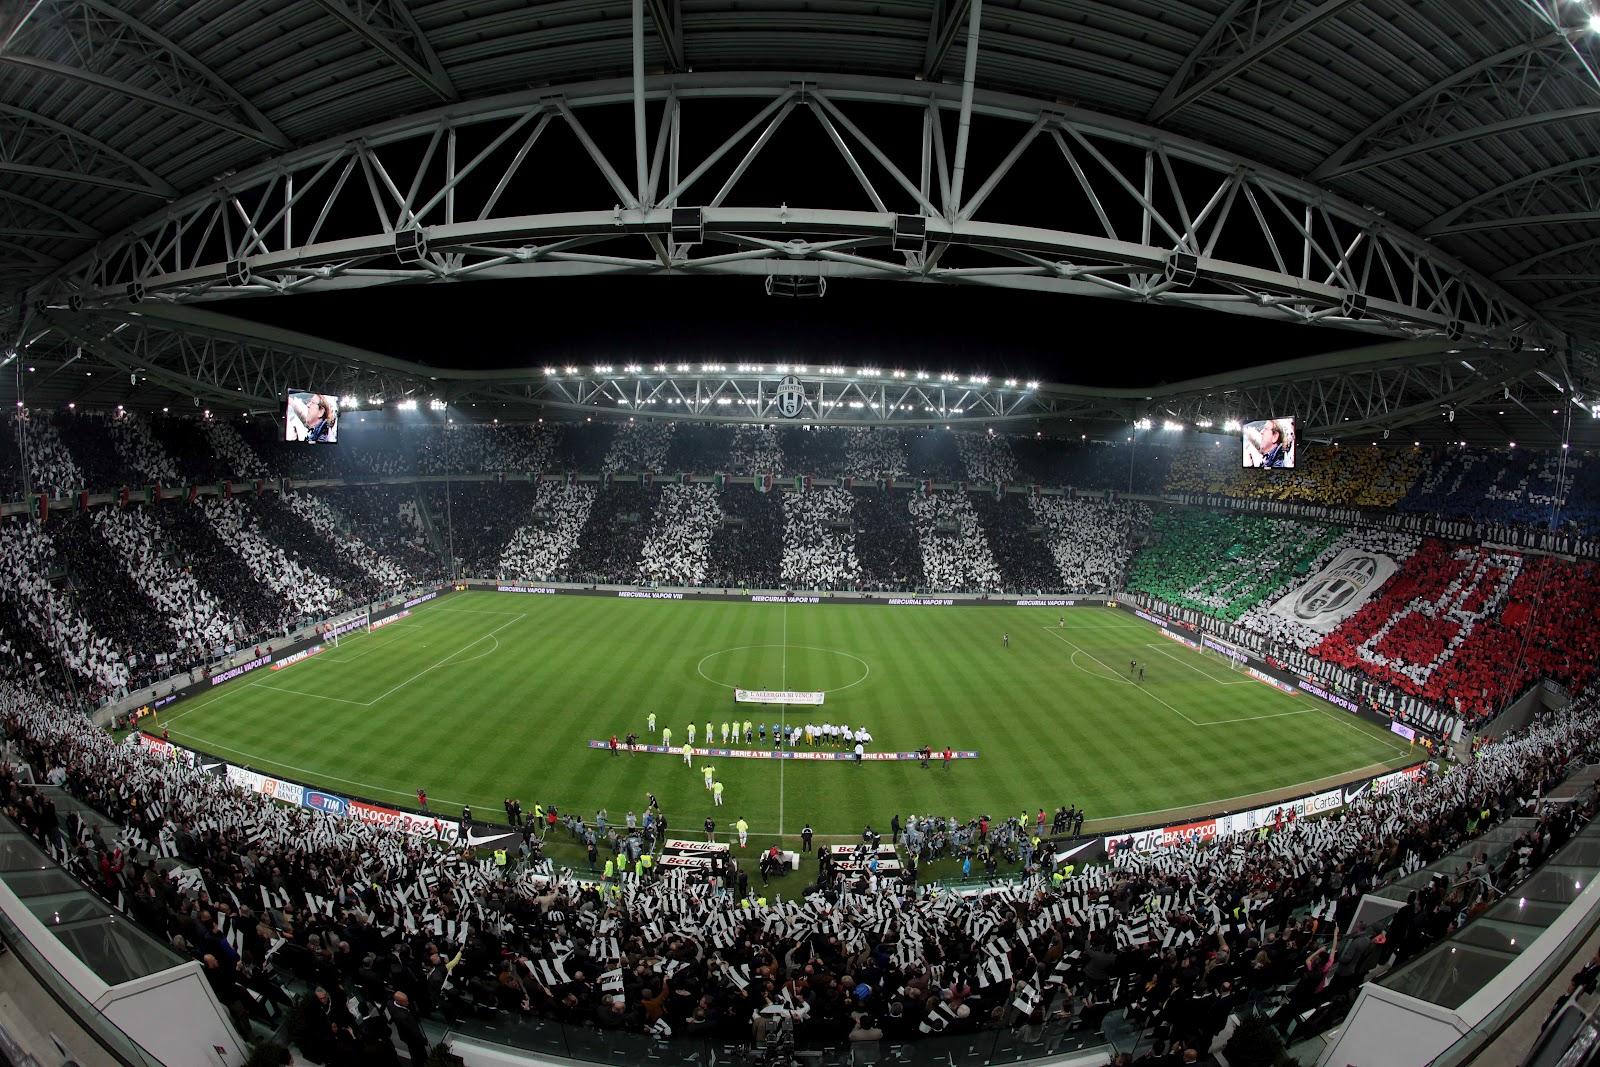 Albero Di Natale Juventus Stadium.Societa I Cinesi Allo Juventus Stadium Per Un Reality Visto Dal Basso